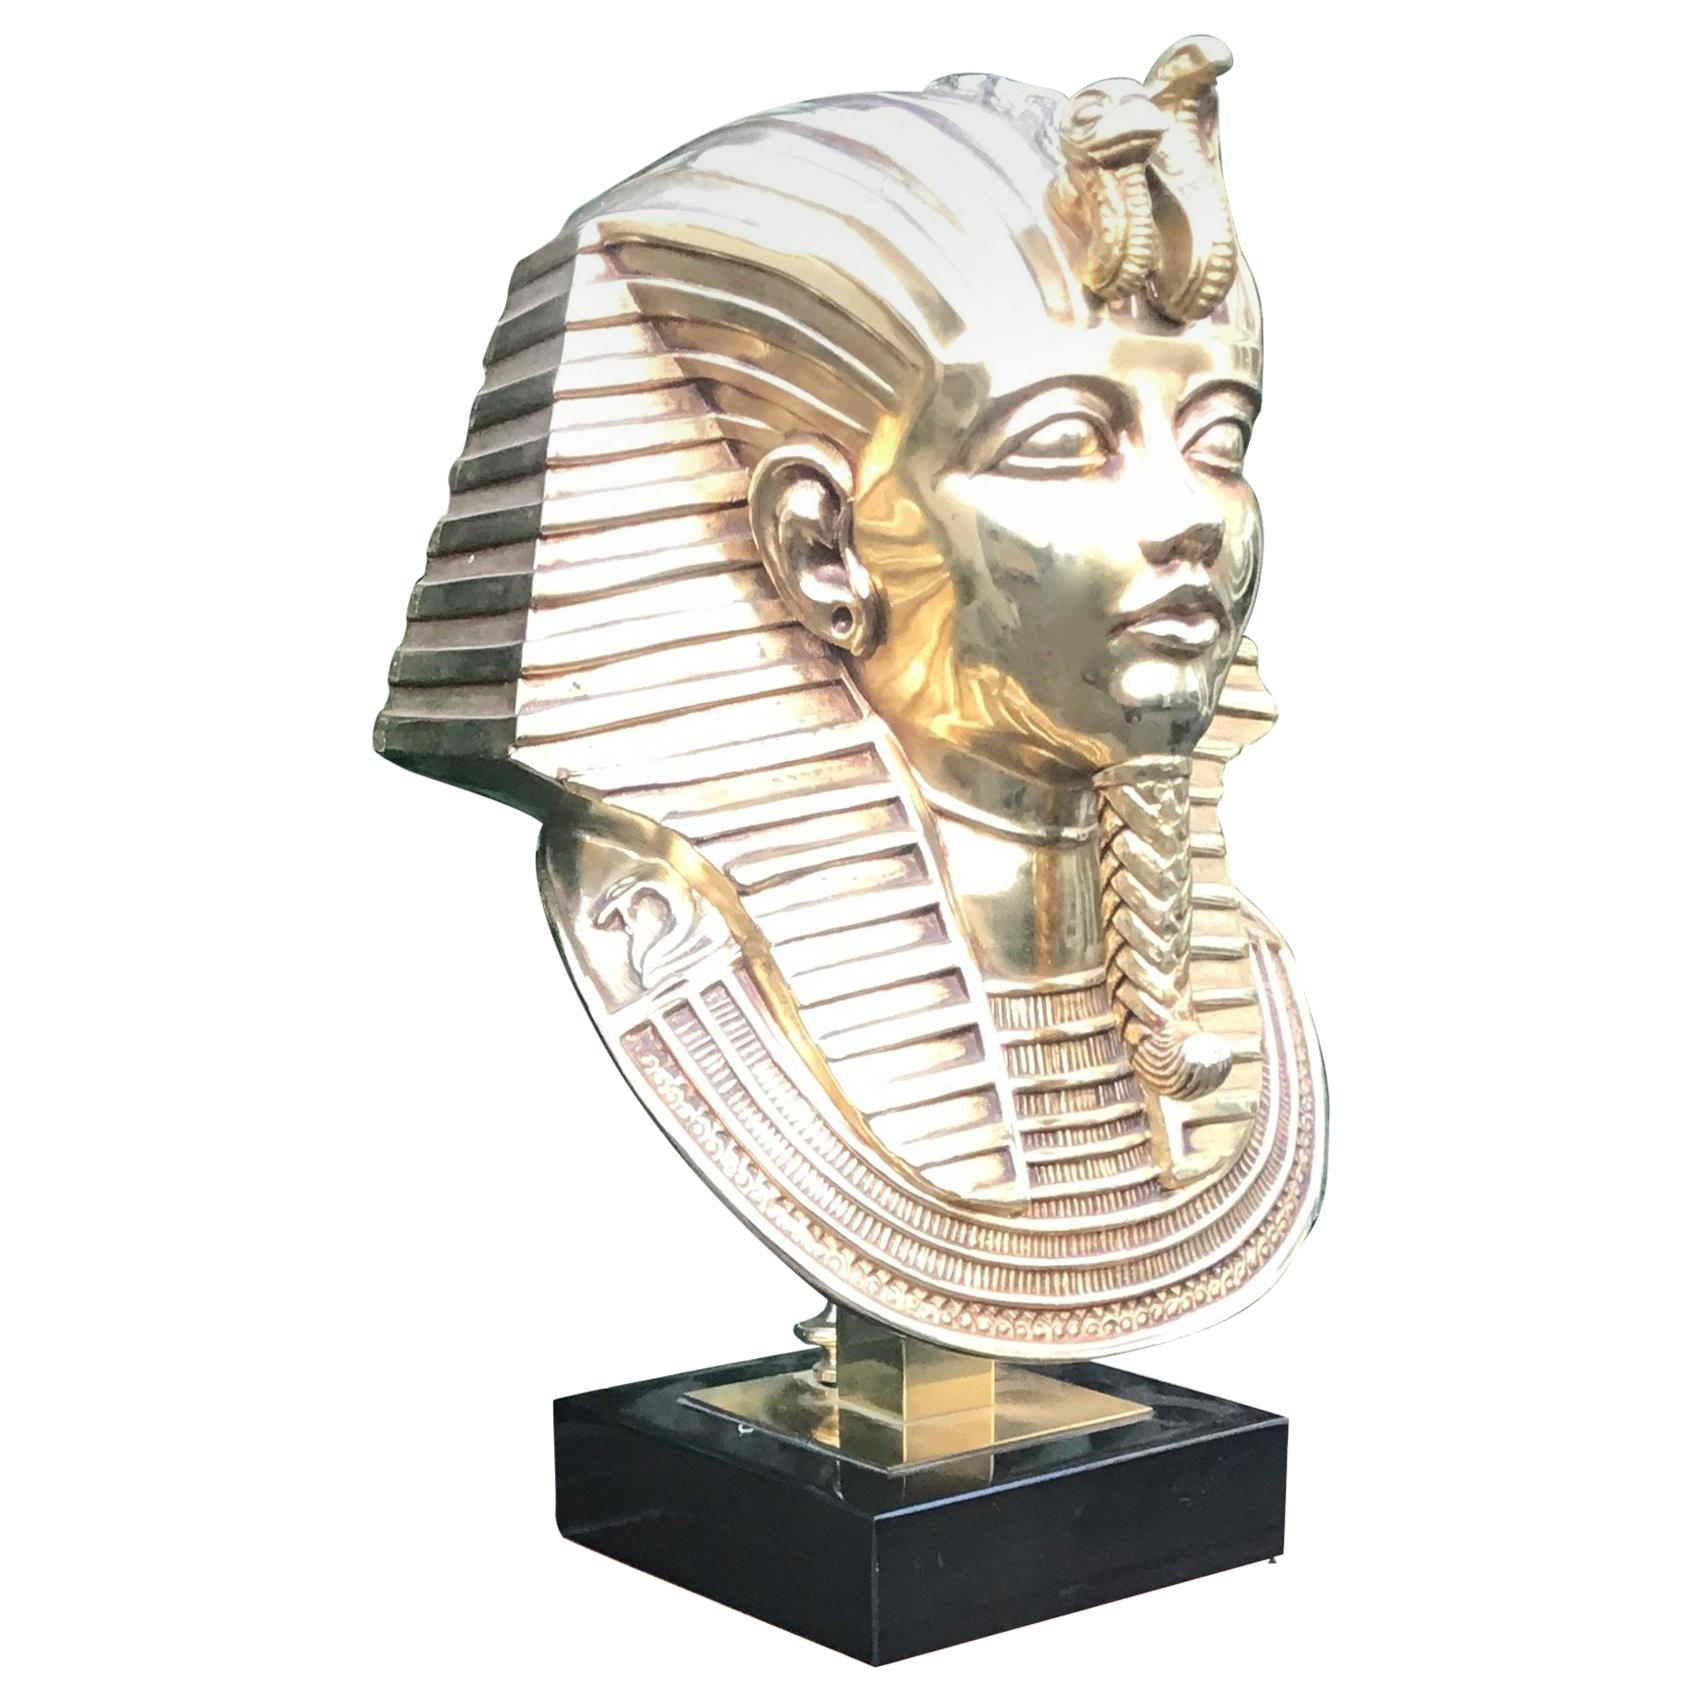 Stunning Pharaoh Toetanchamon Golden Coated Brass Bust Sculpture on Marble Base